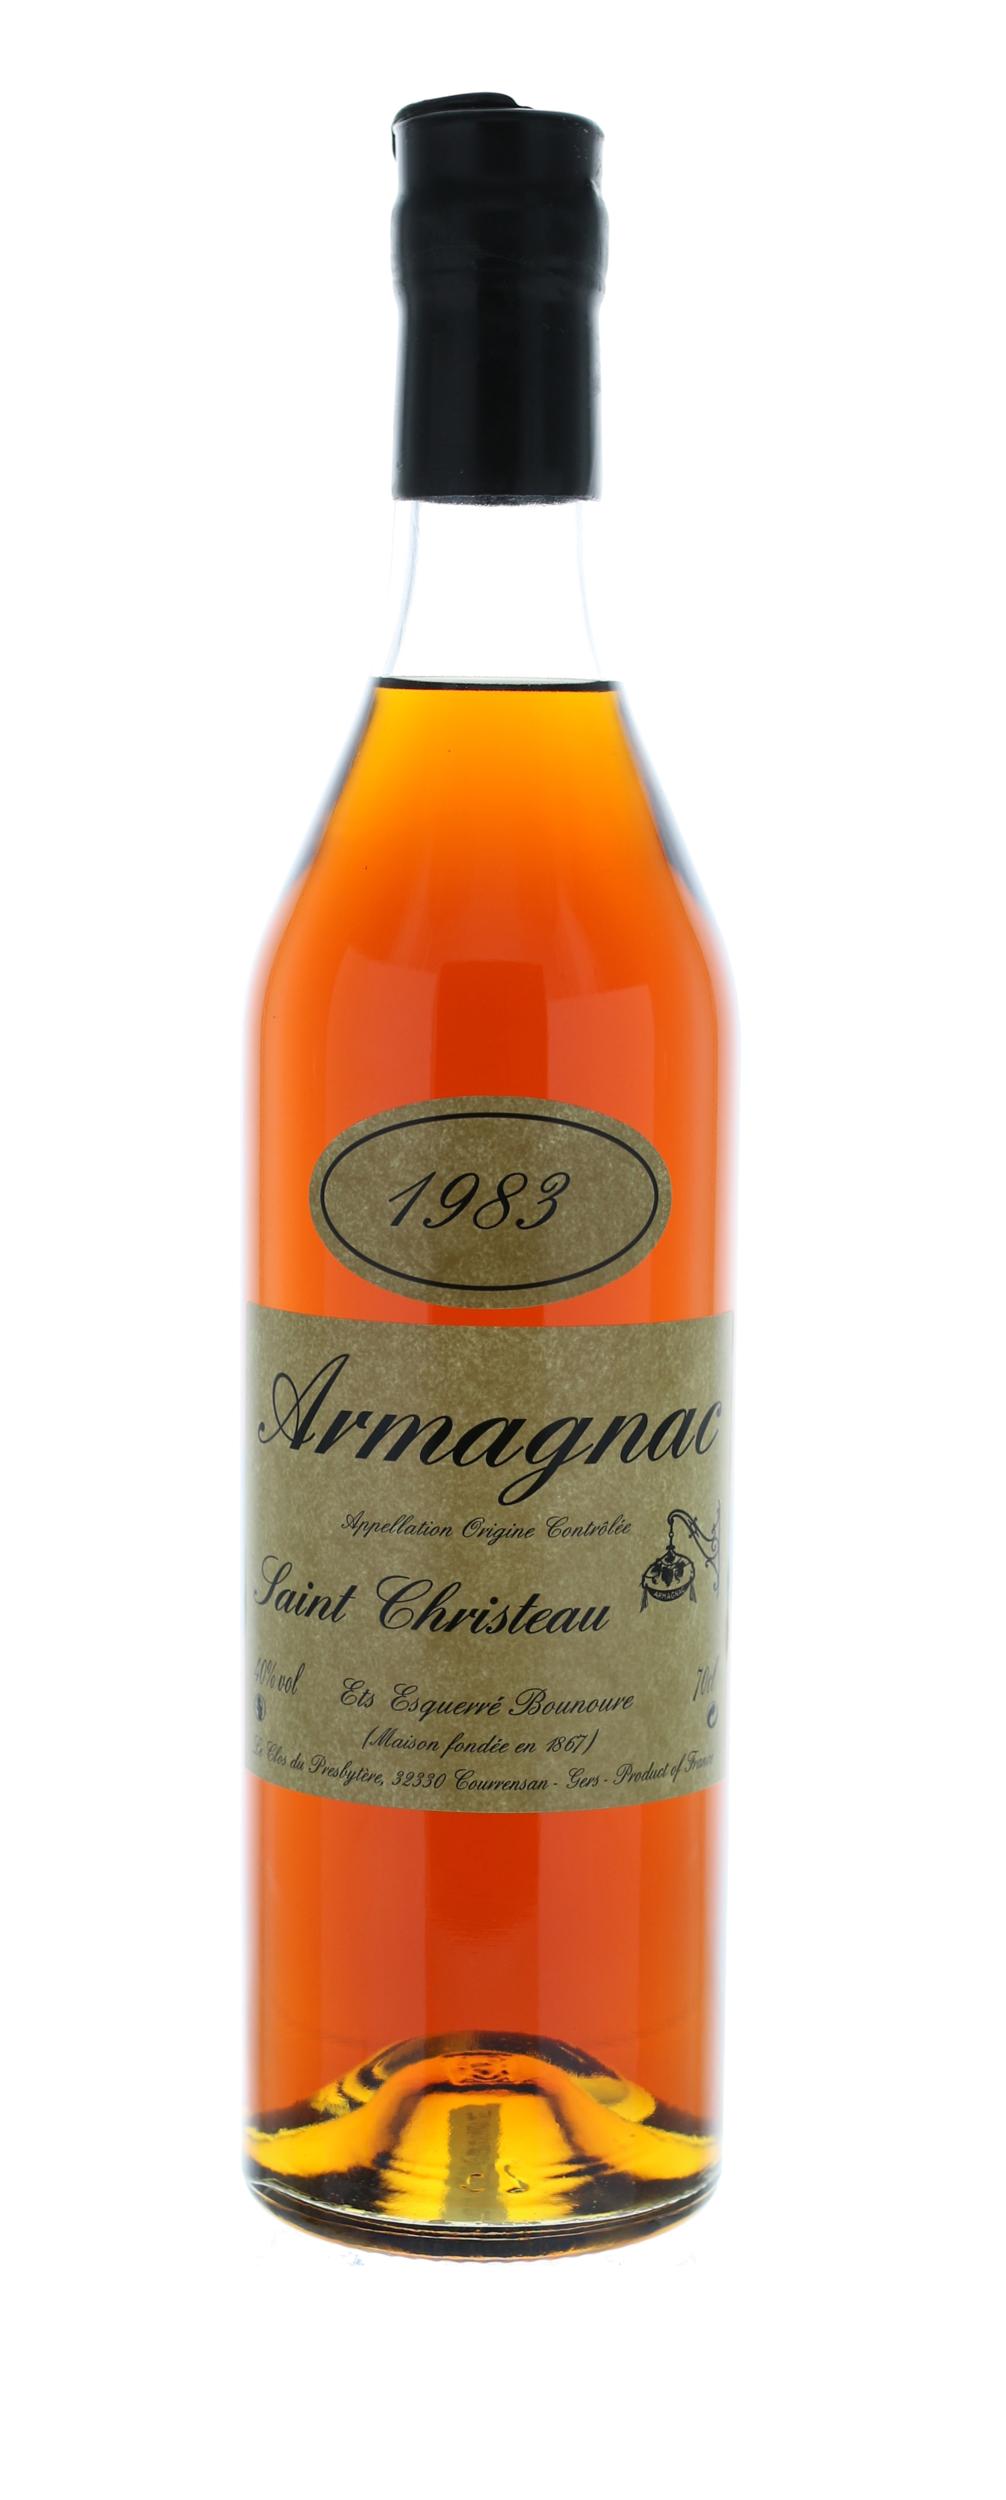 ARMAGNAC 1983 Saint-Christeau - 40° - G. Miclo